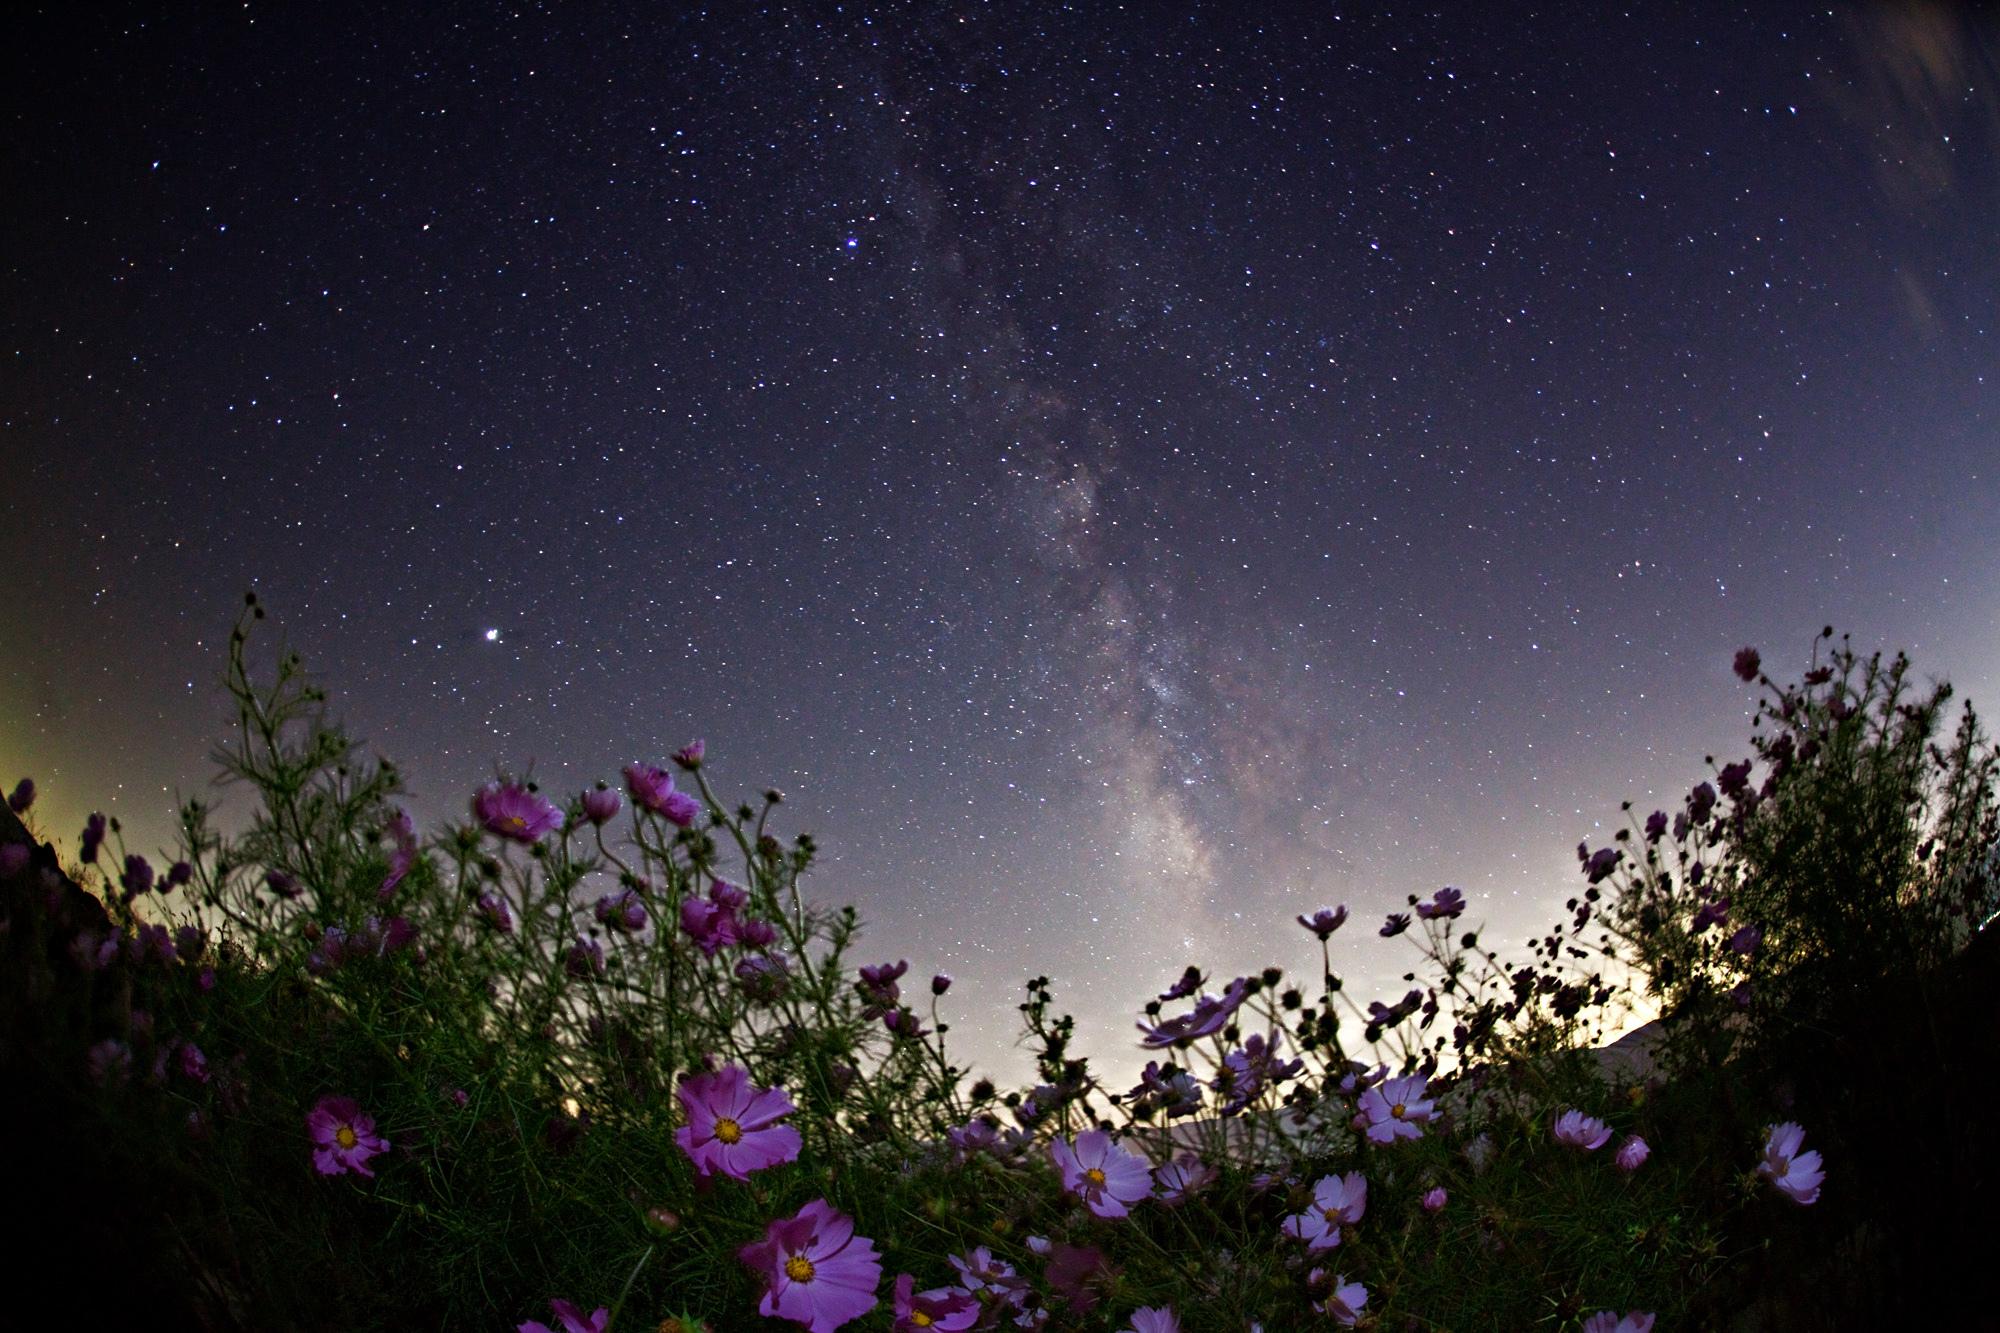 картинки с цветами на фоне космоса художница елена